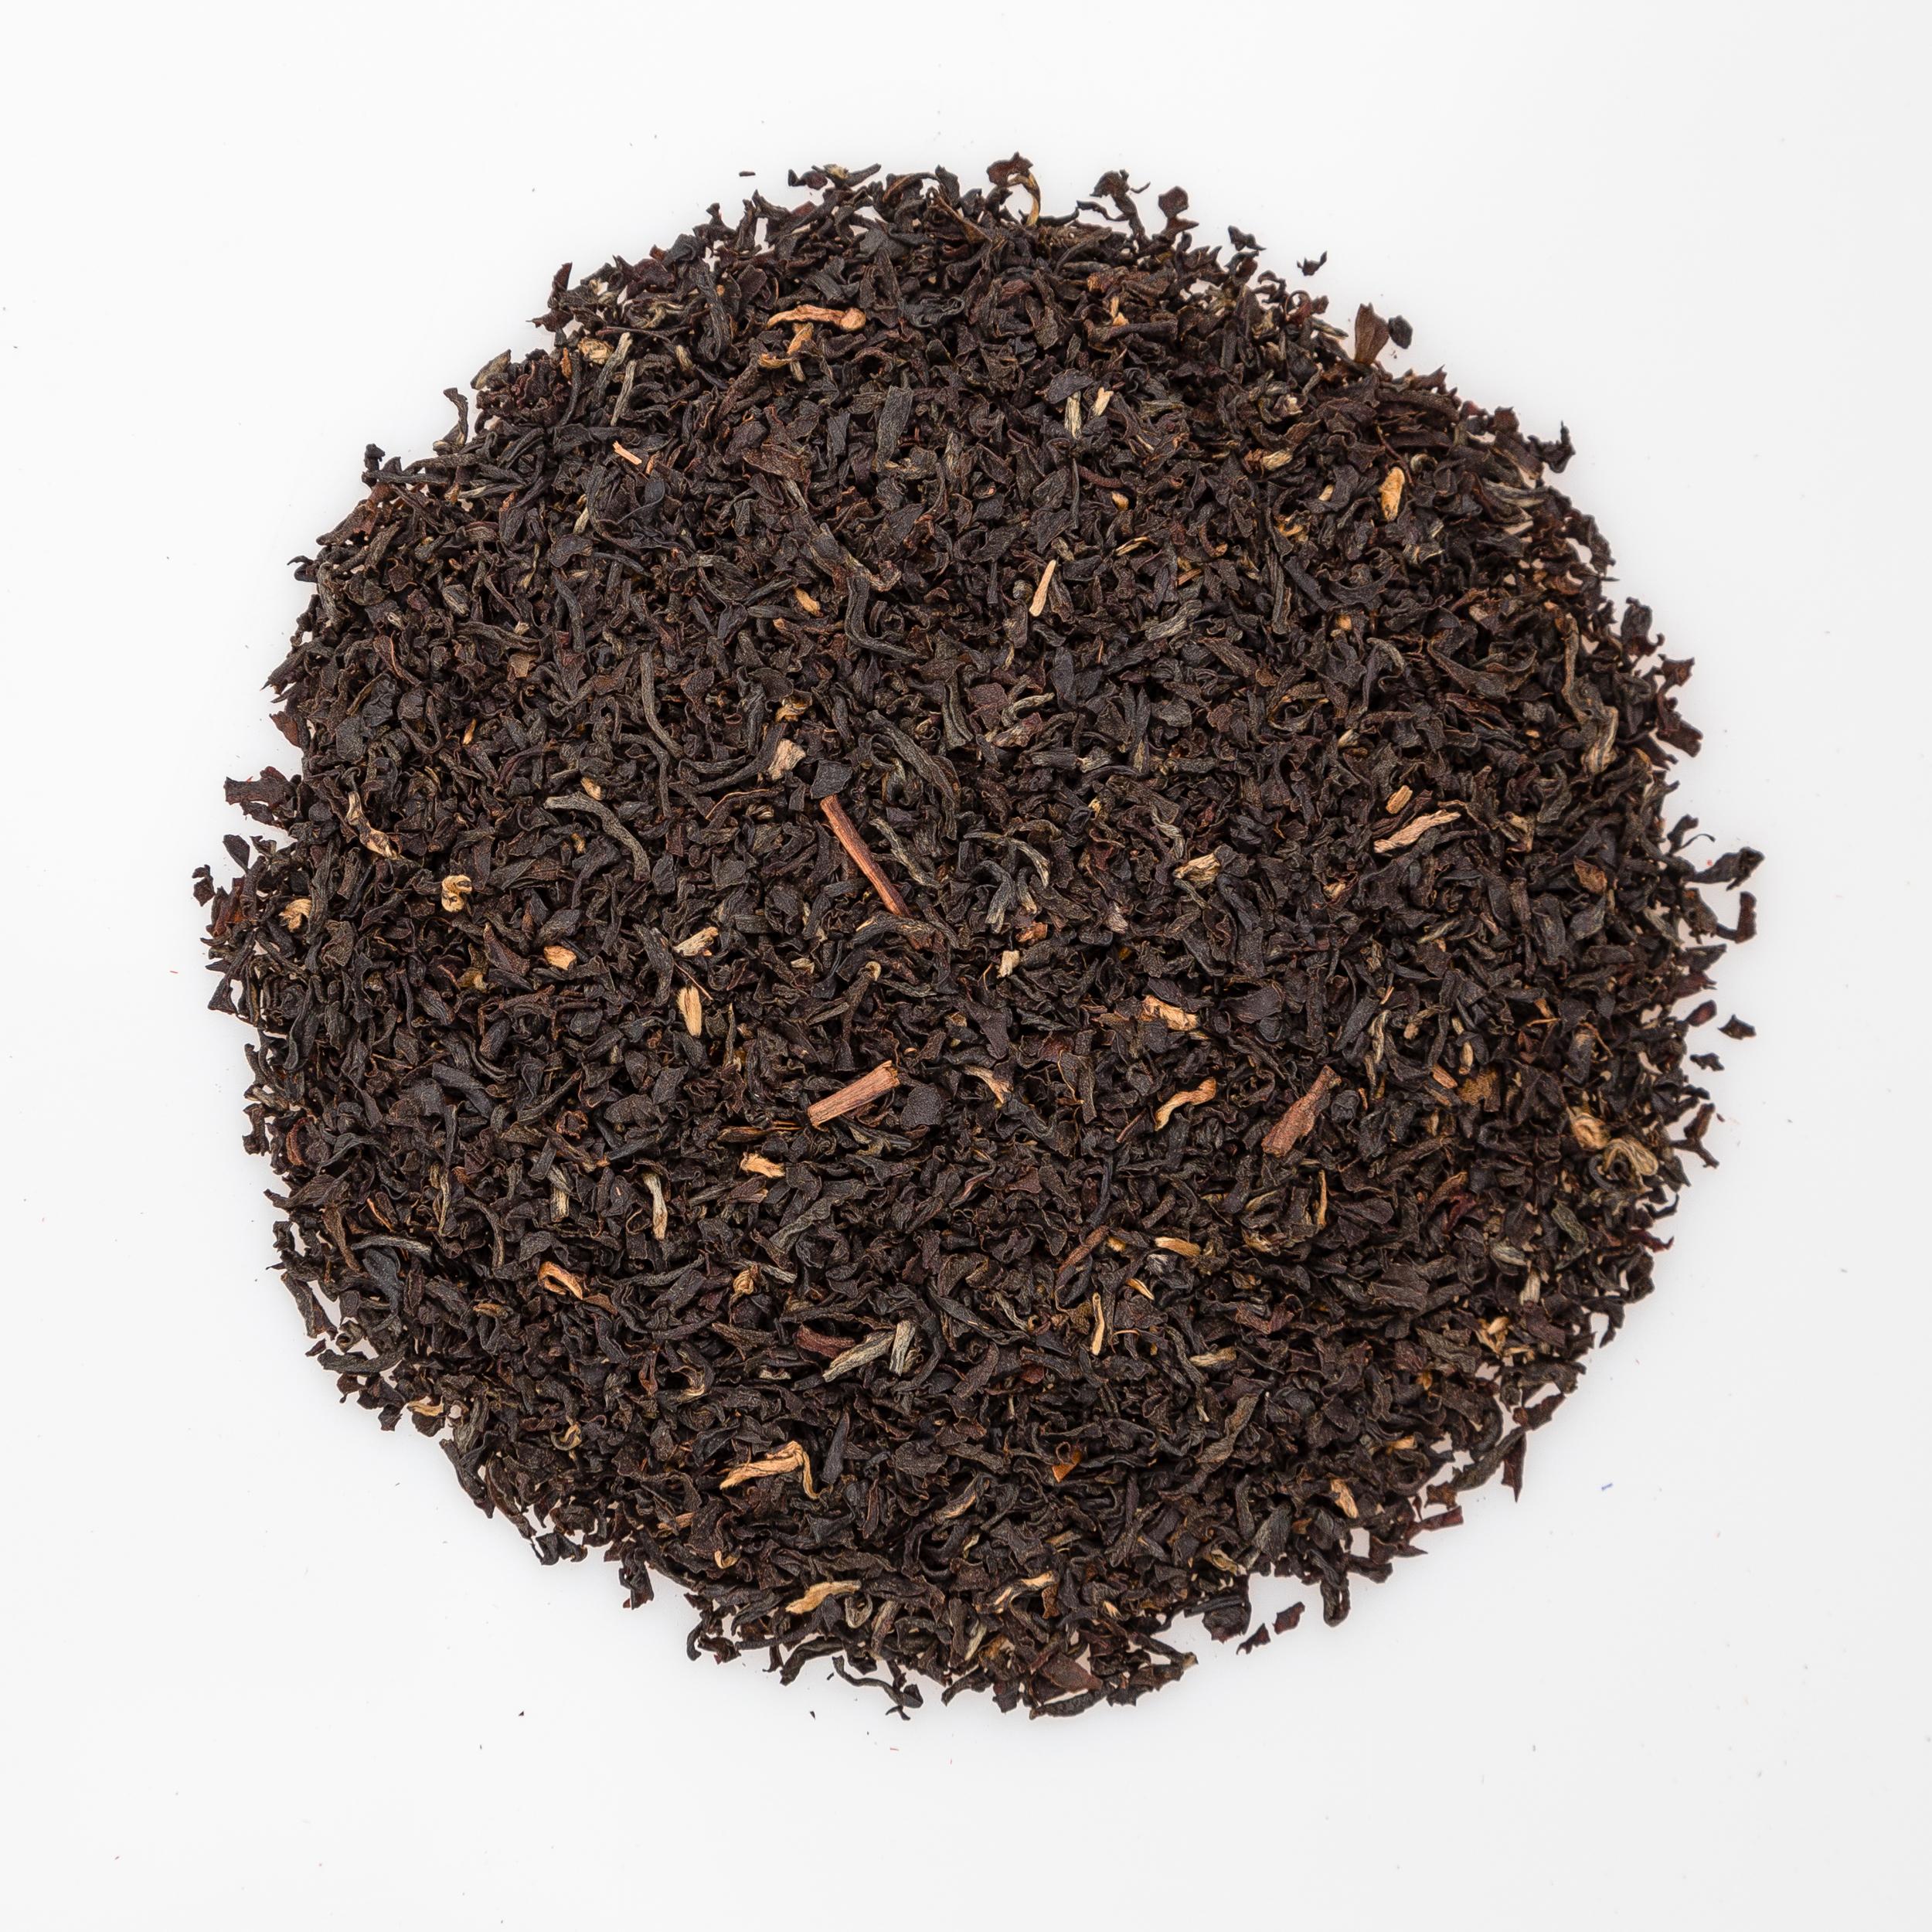 Jak poznać dobrą herbatę?